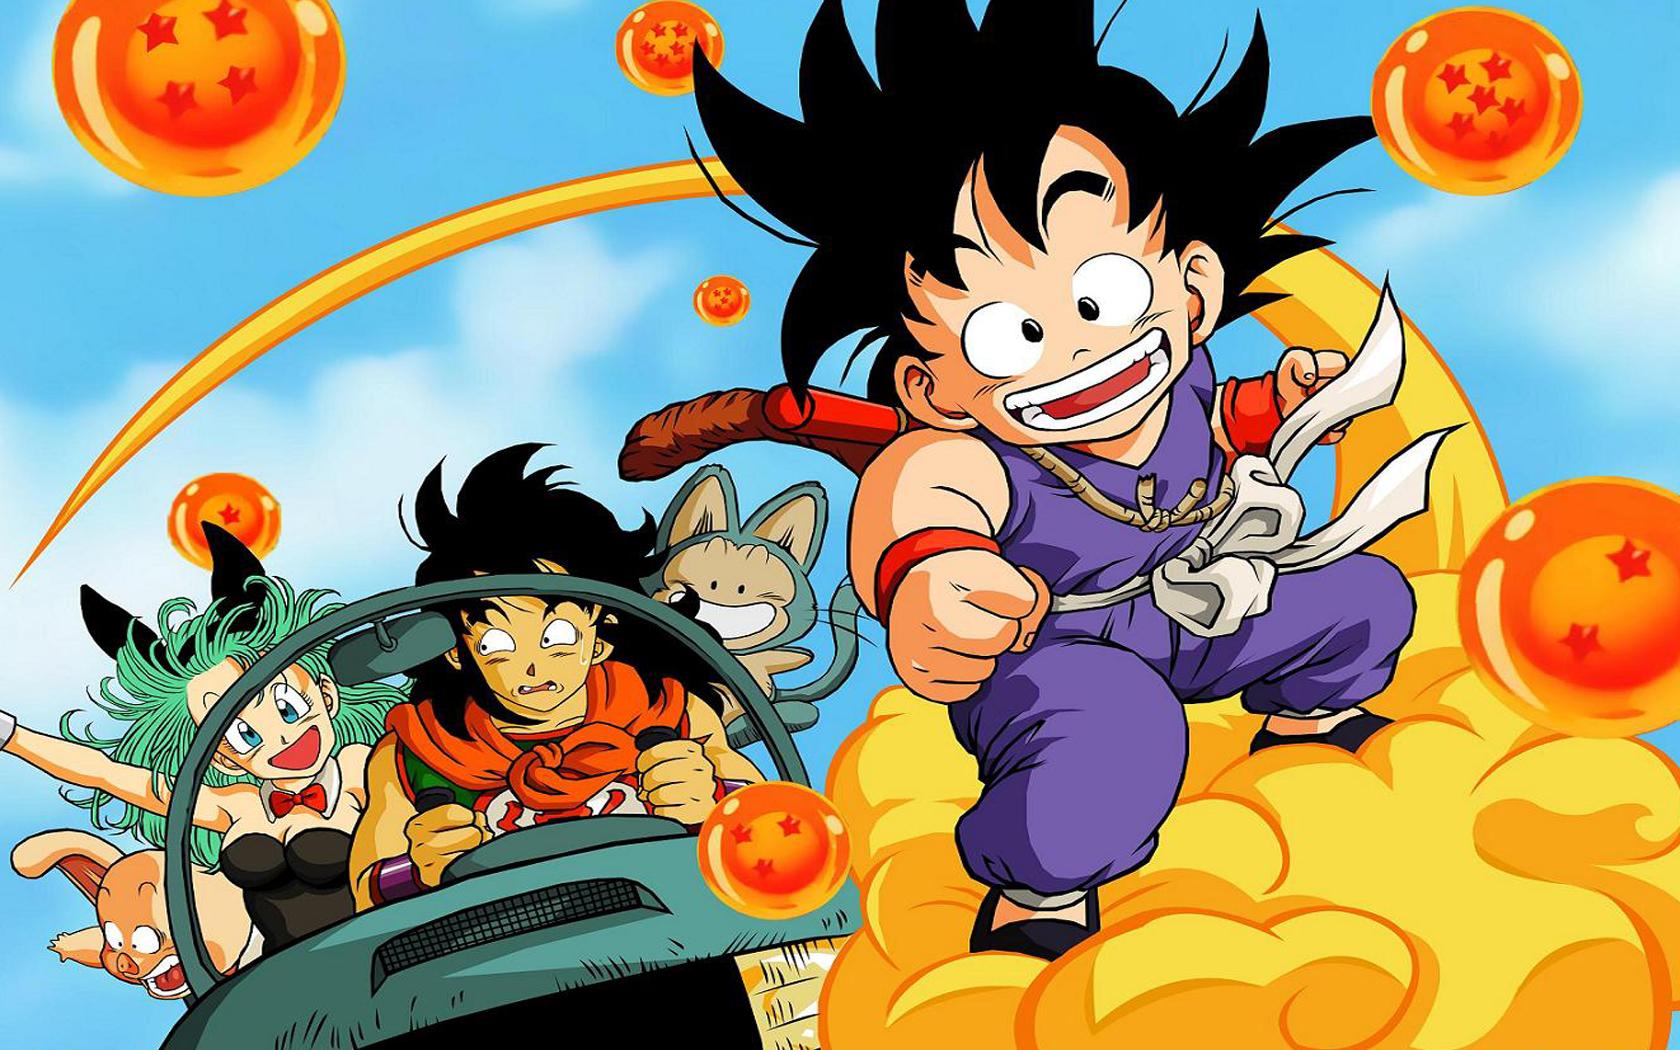 Dragon Ball anime visual